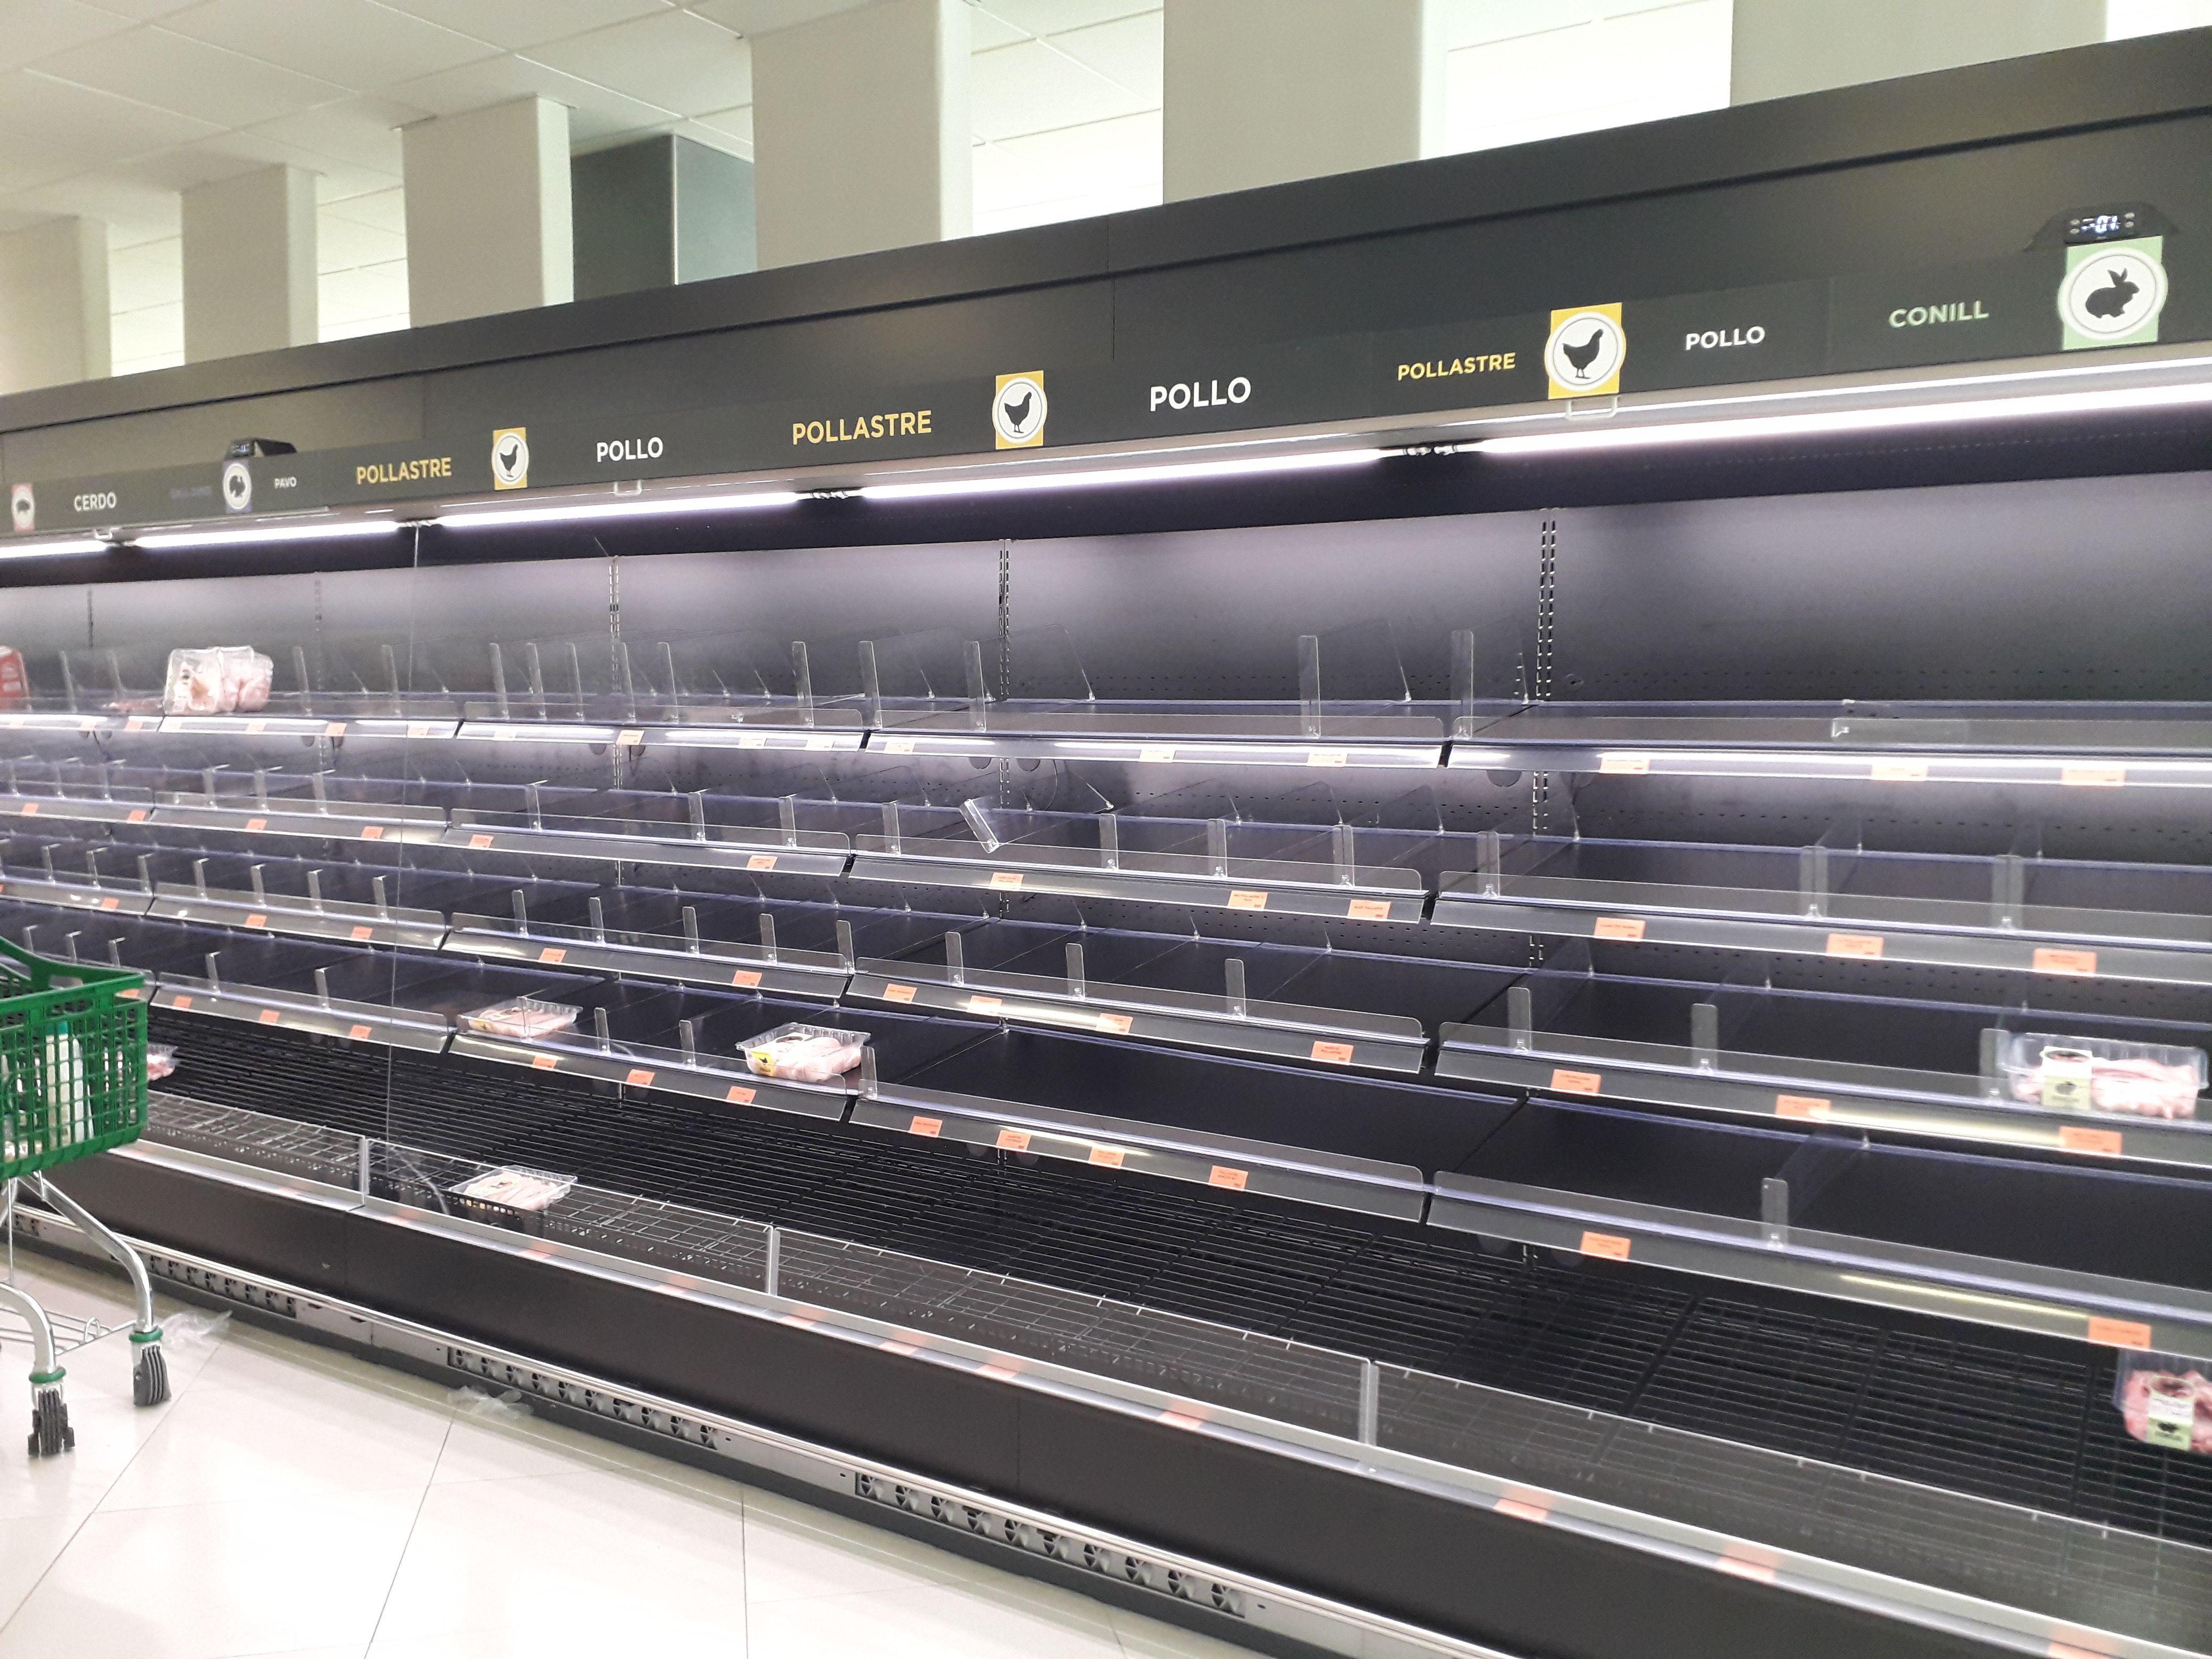 Prestatges buits en una cadena de supermercats de Rubí. FOTO: NHS